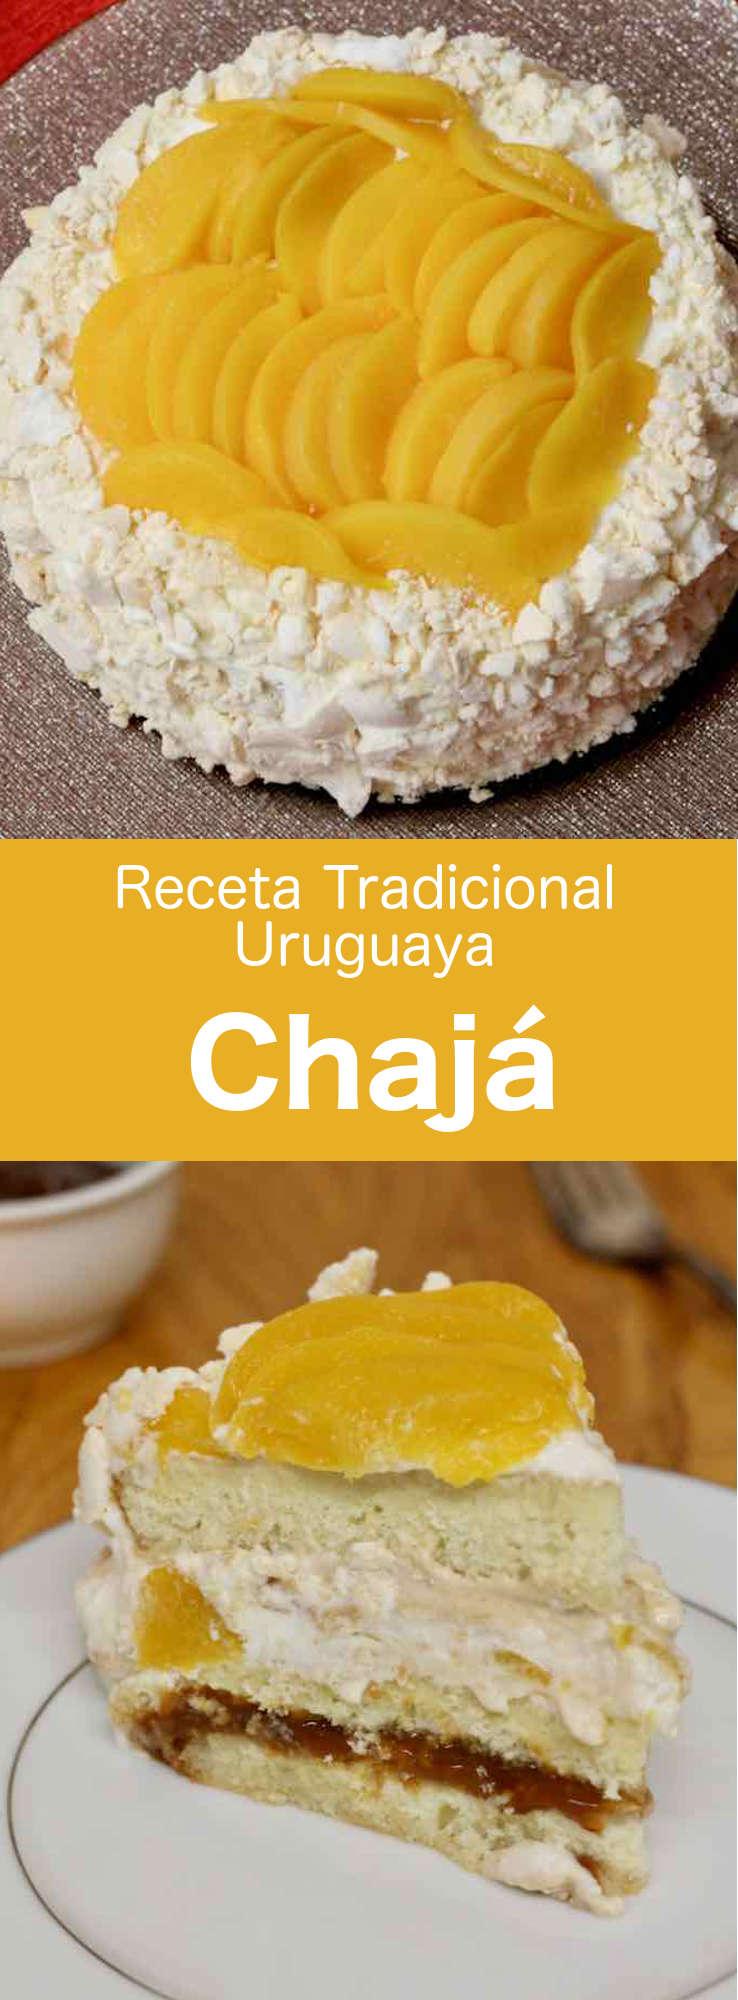 El chajá es un postre deliciosamente ligero típico de la cocina uruguaya, que contiene merengue, bizcocho, crema batida y melocotones en almíbar.